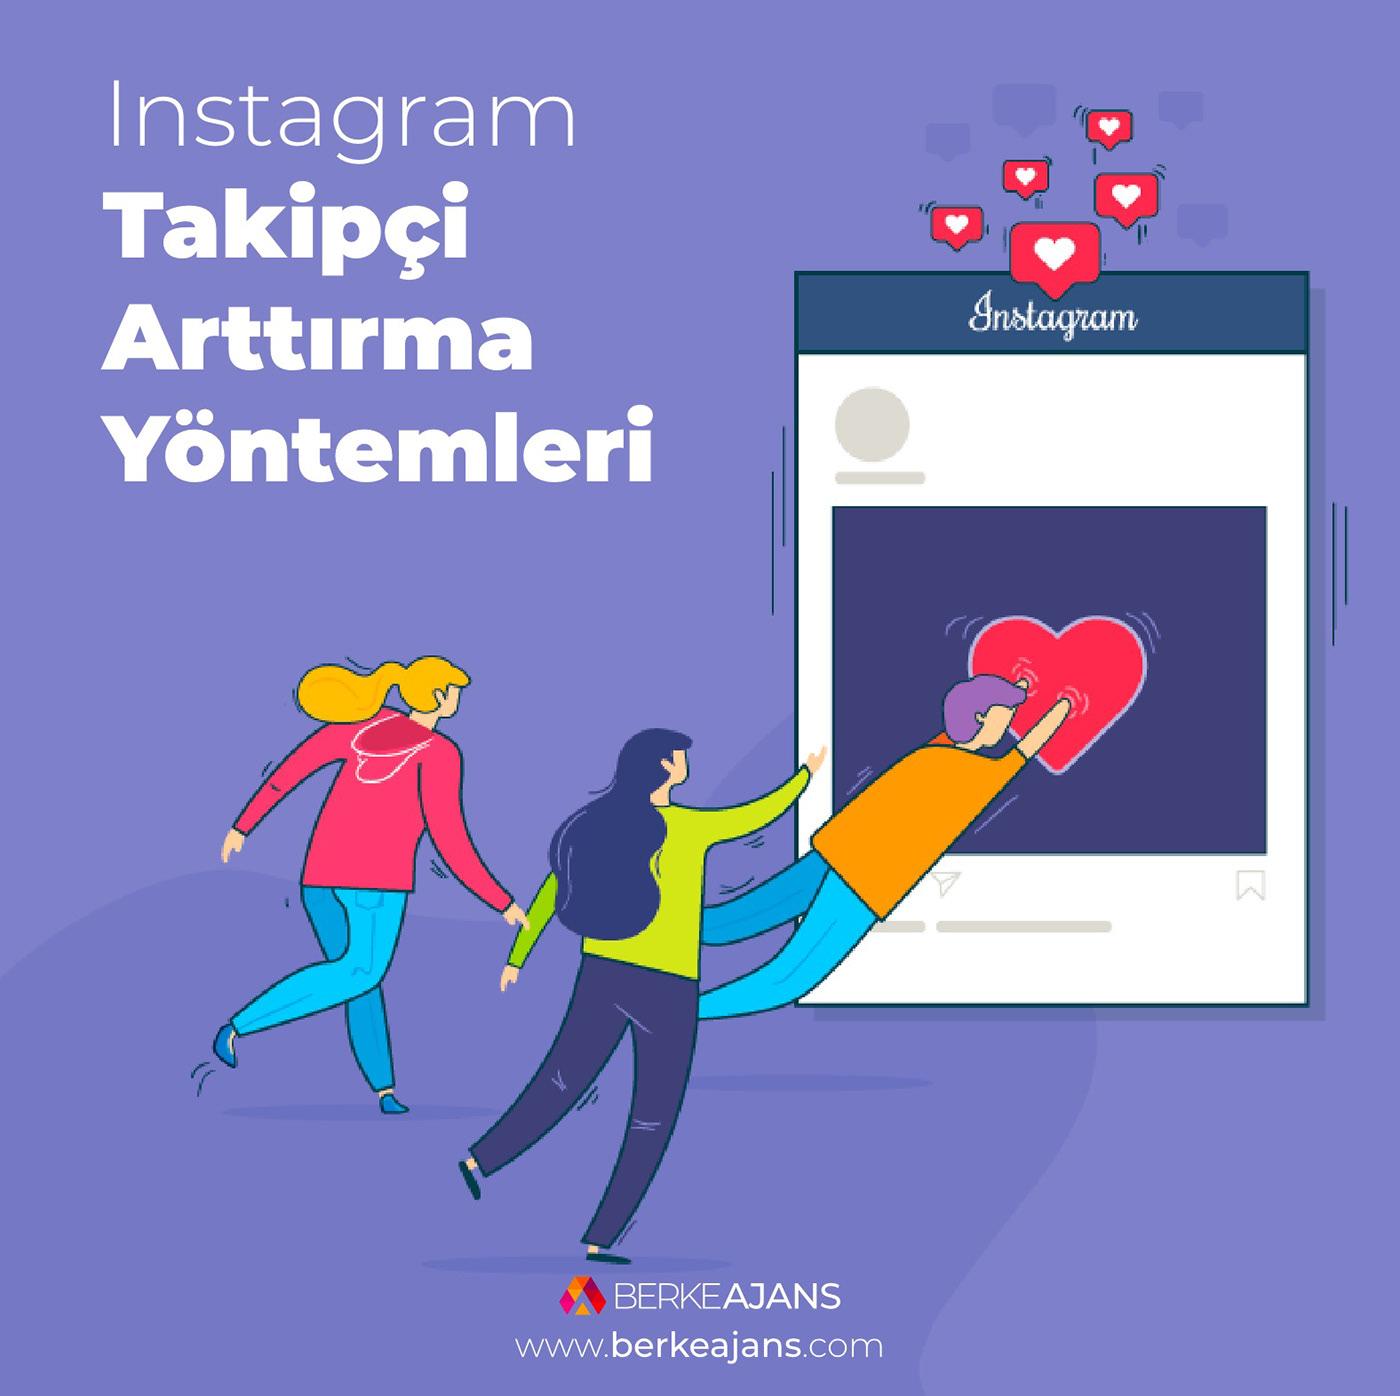 instagram takipci takipçi arttırma sosyal medya art SEO html5 webtasarım Webdesign Website tasarım